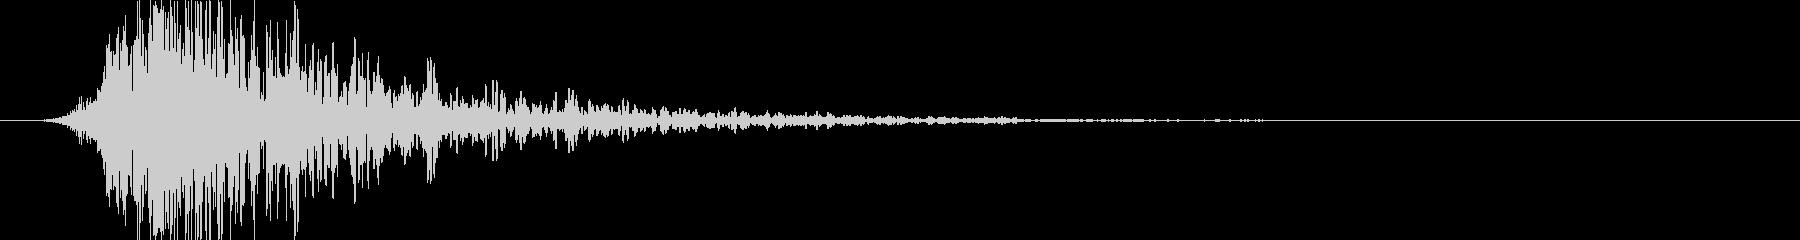 衝撃 ワム18の未再生の波形